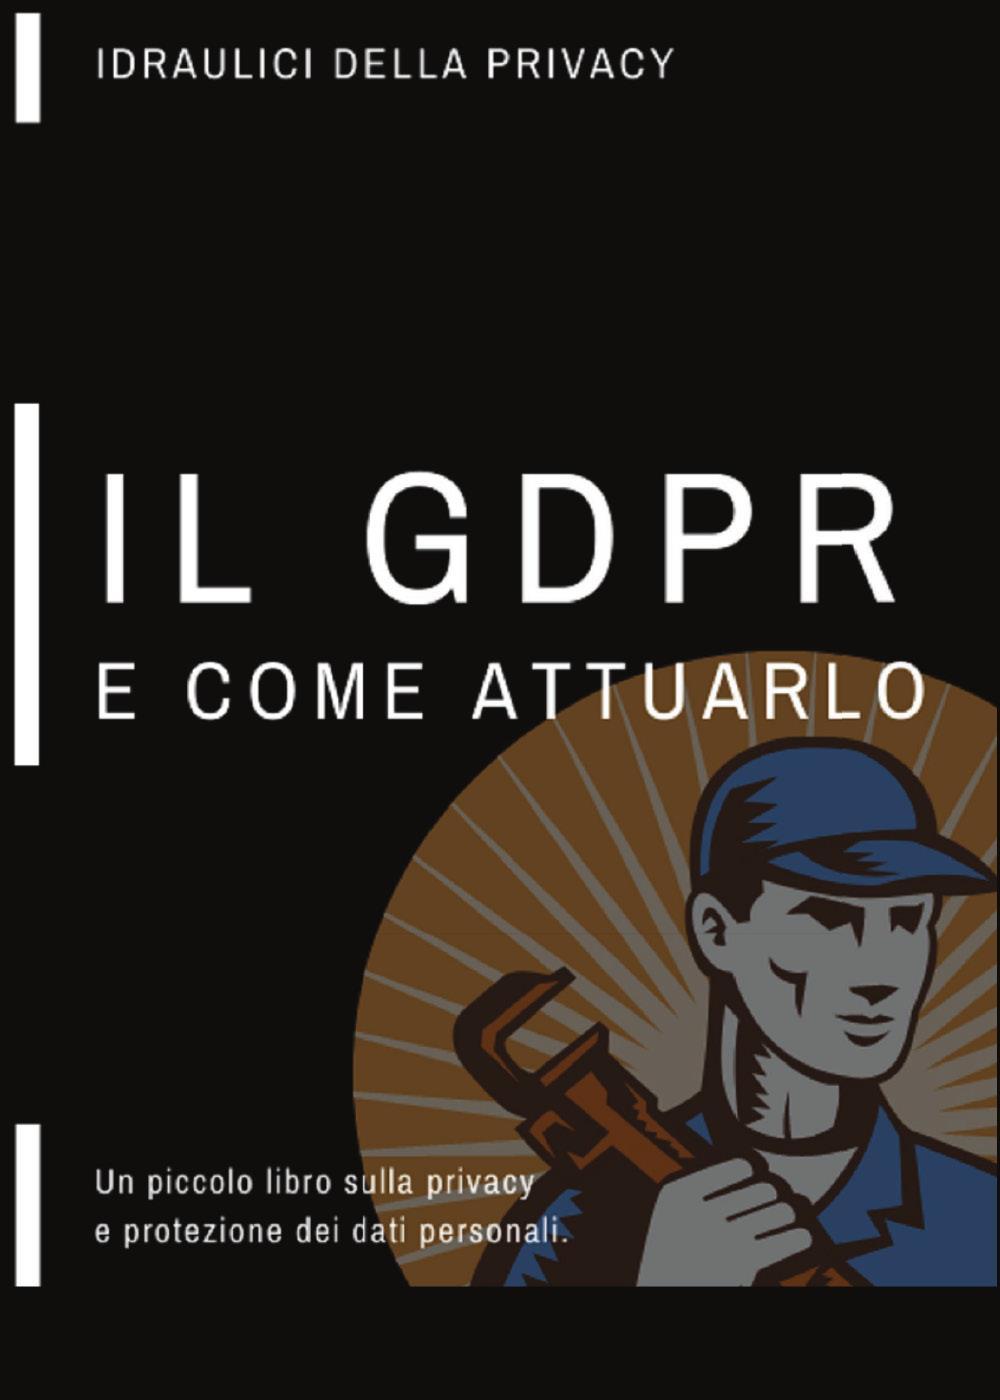 Un piccolo libro sulla privacy, il GDPR e come attuarlo